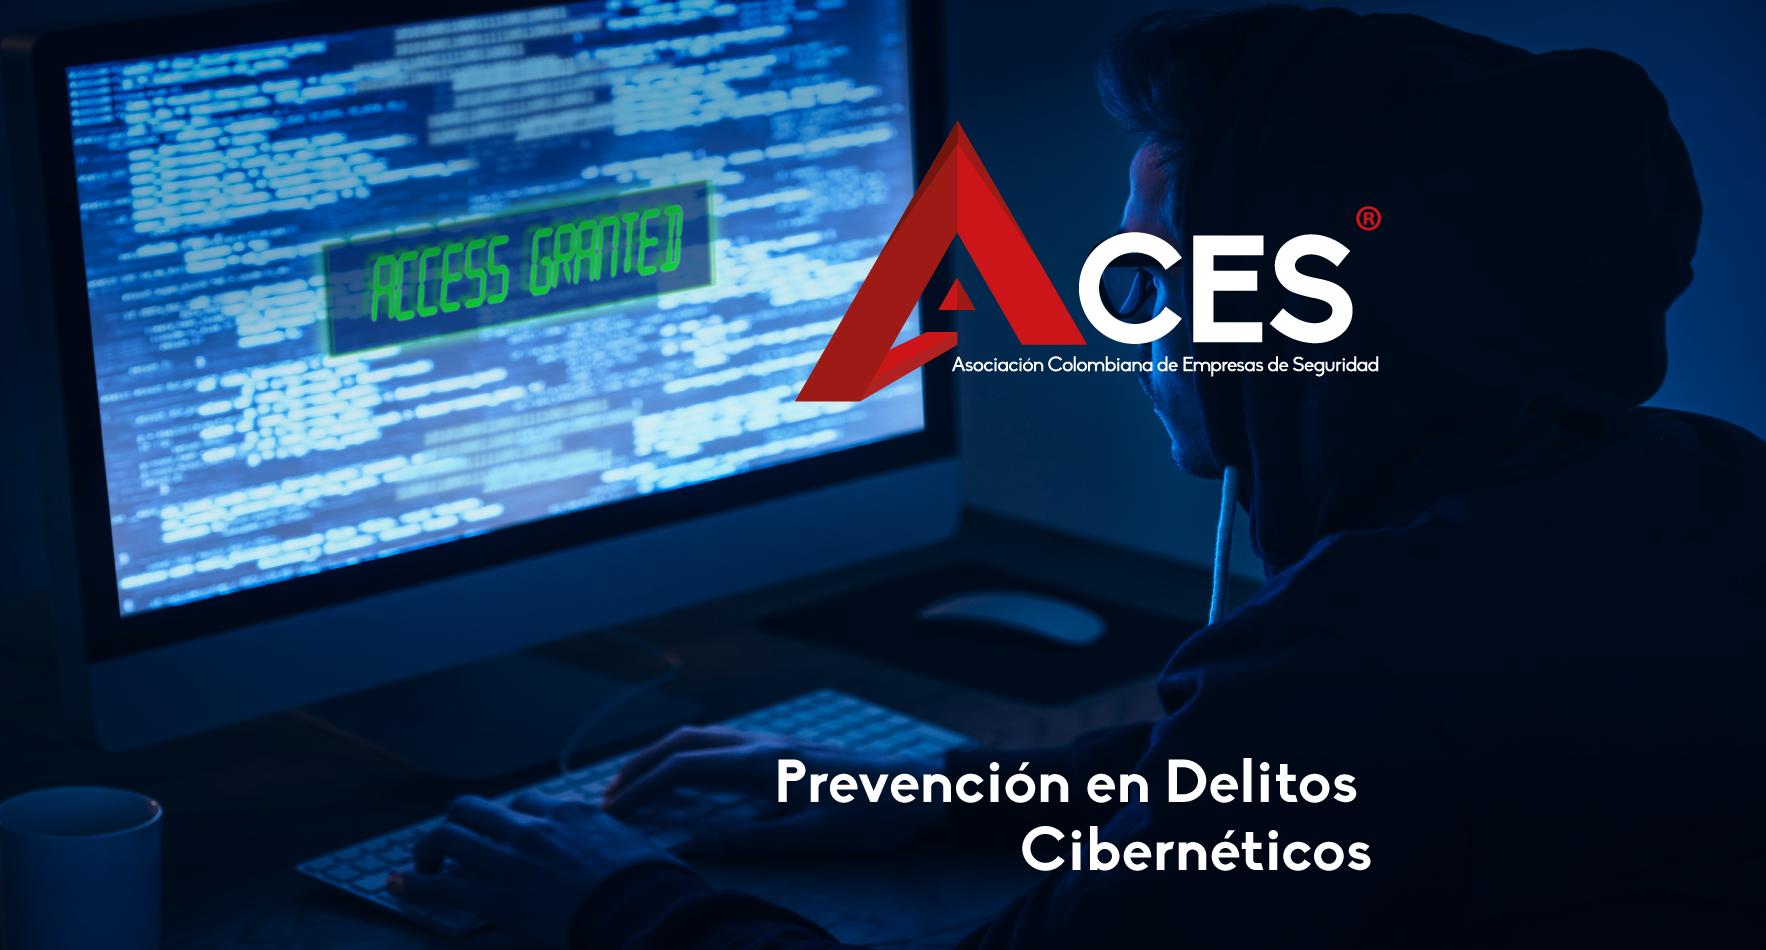 Prevención en Delitos Cibernéticos